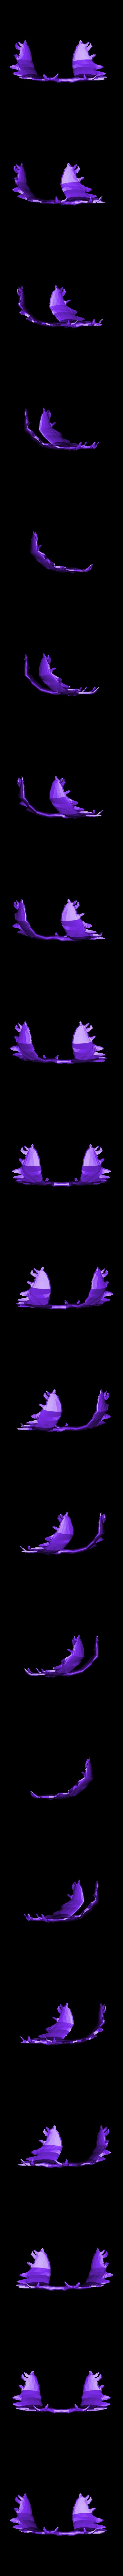 NOVELO_MOOSEANTLERS.obj Download free OBJ file Moose antlers • 3D printable design, Colorful3D